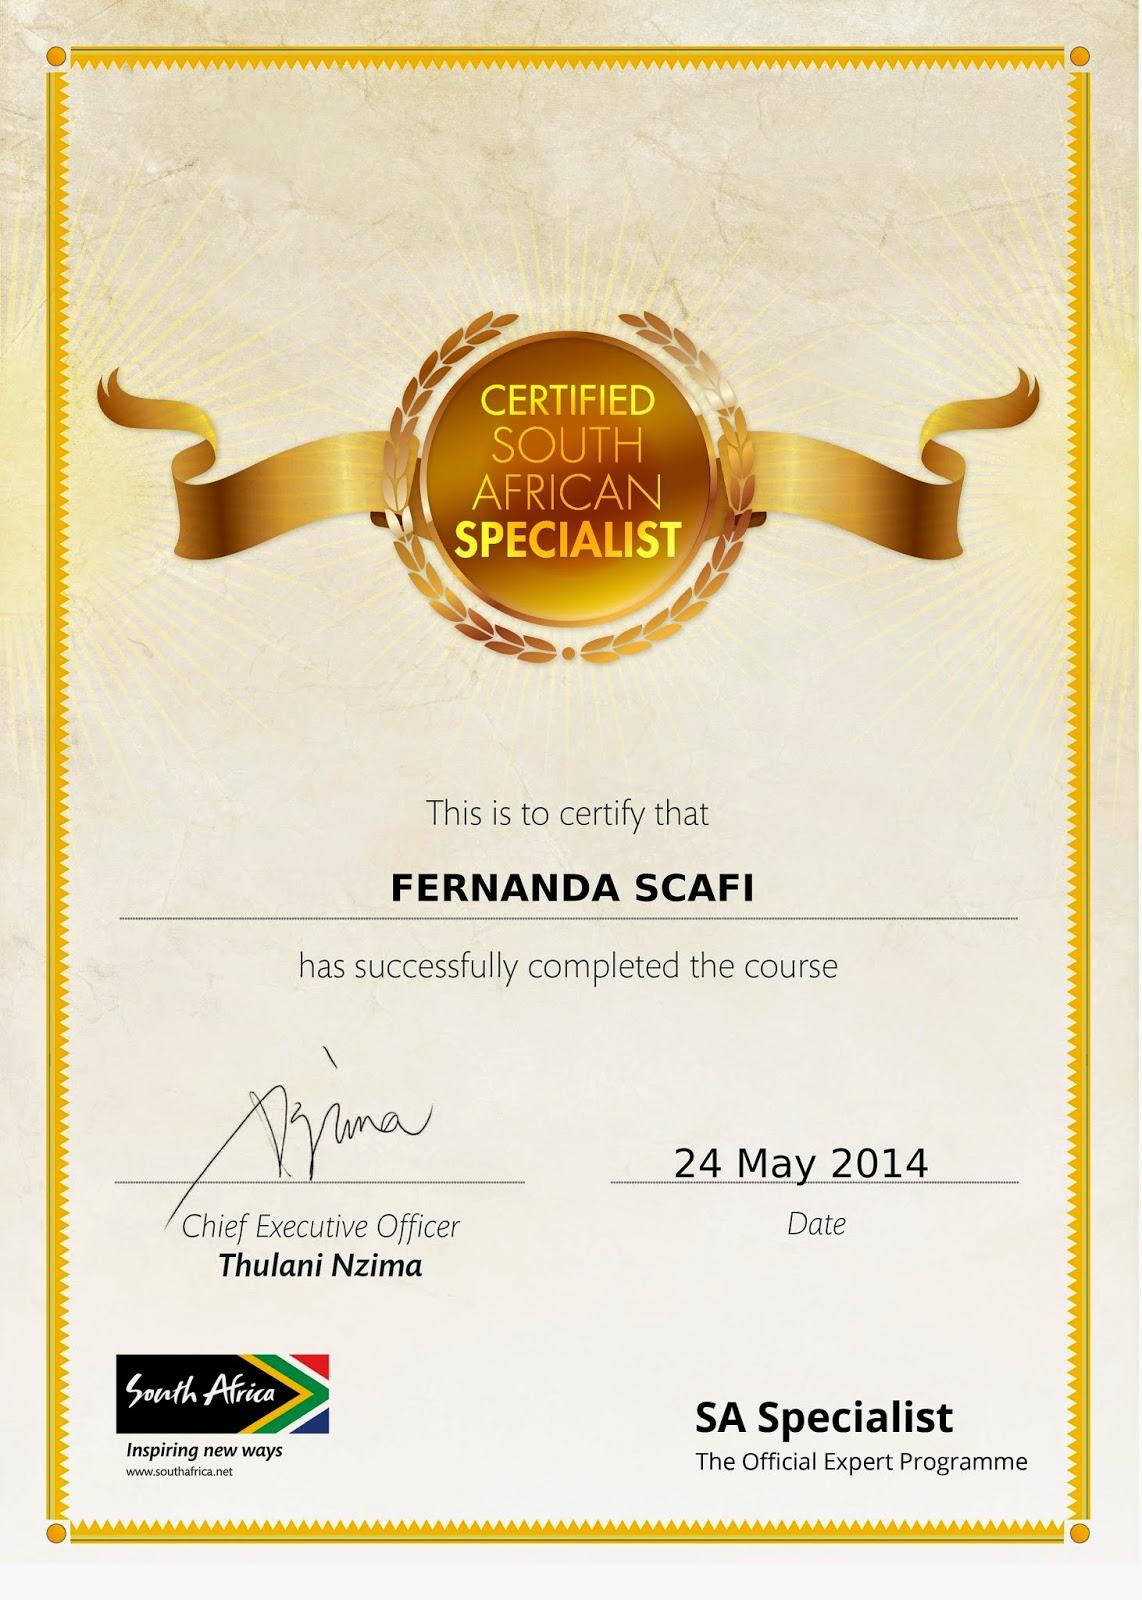 Certificado de Especialista em África do Sul